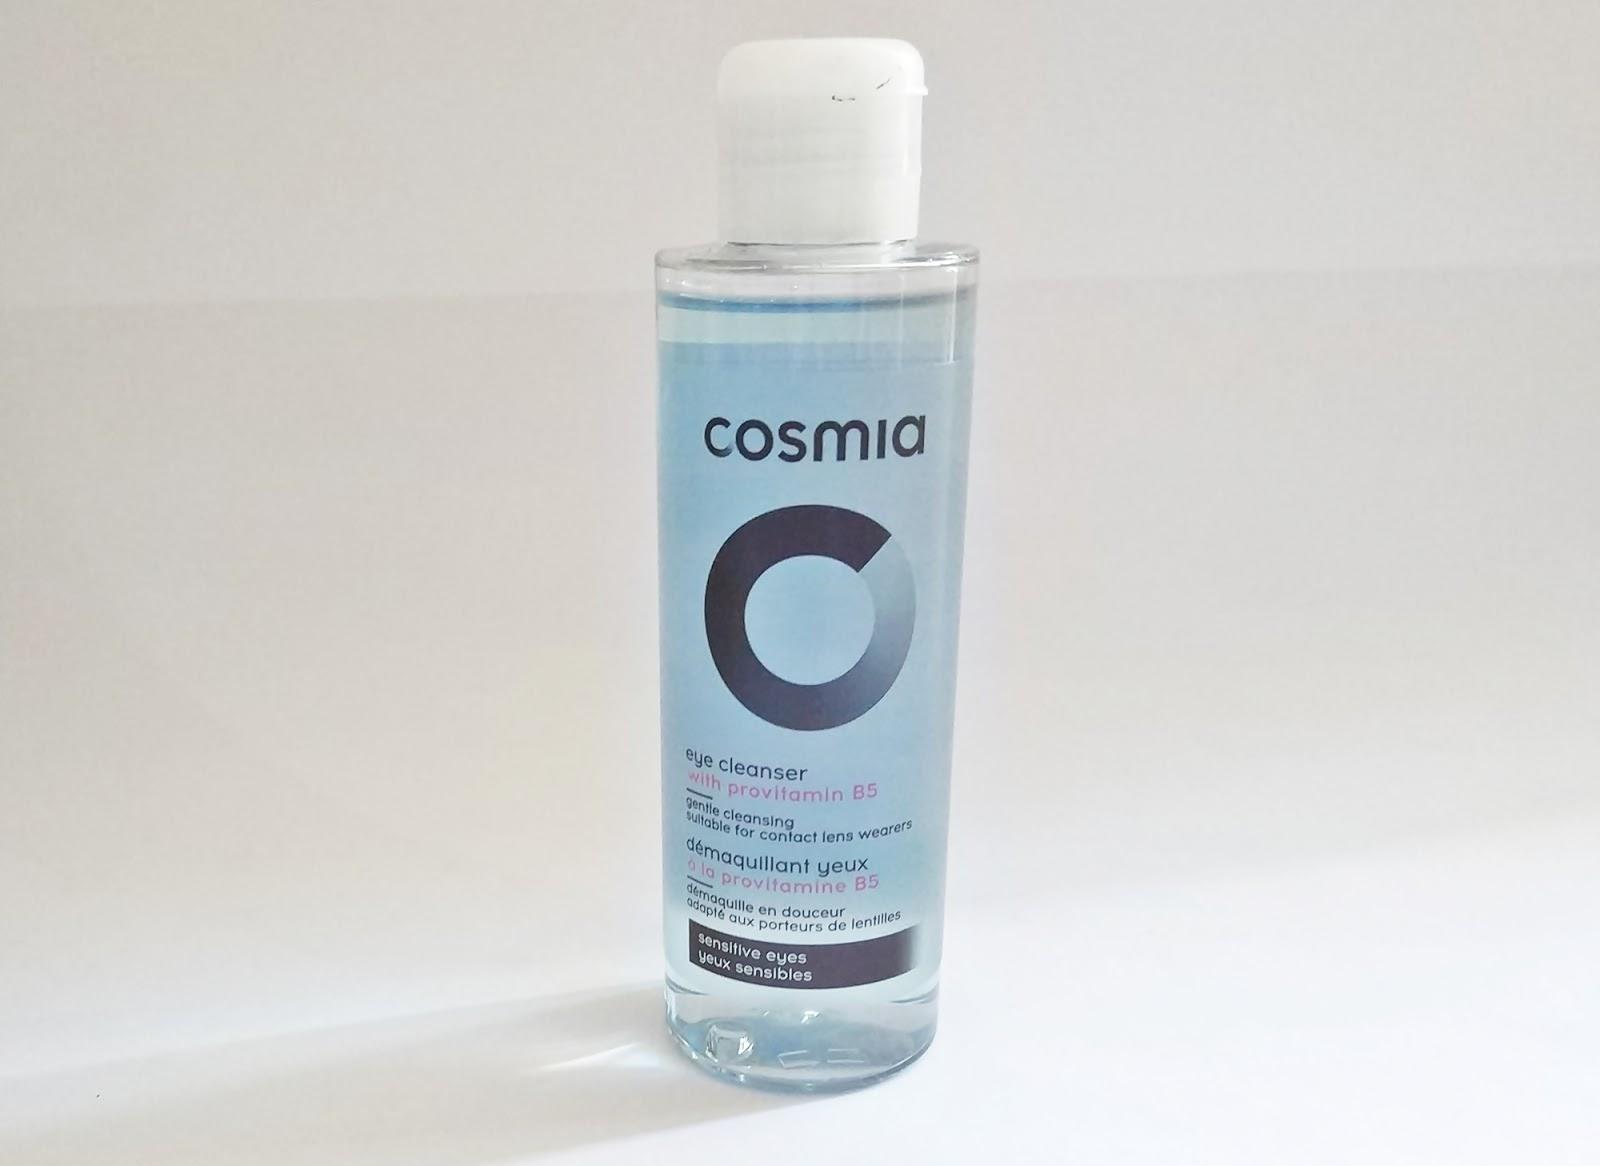 Desmaquilhante p/ olhos sensíveis e com lentes de contacto, Cosmia